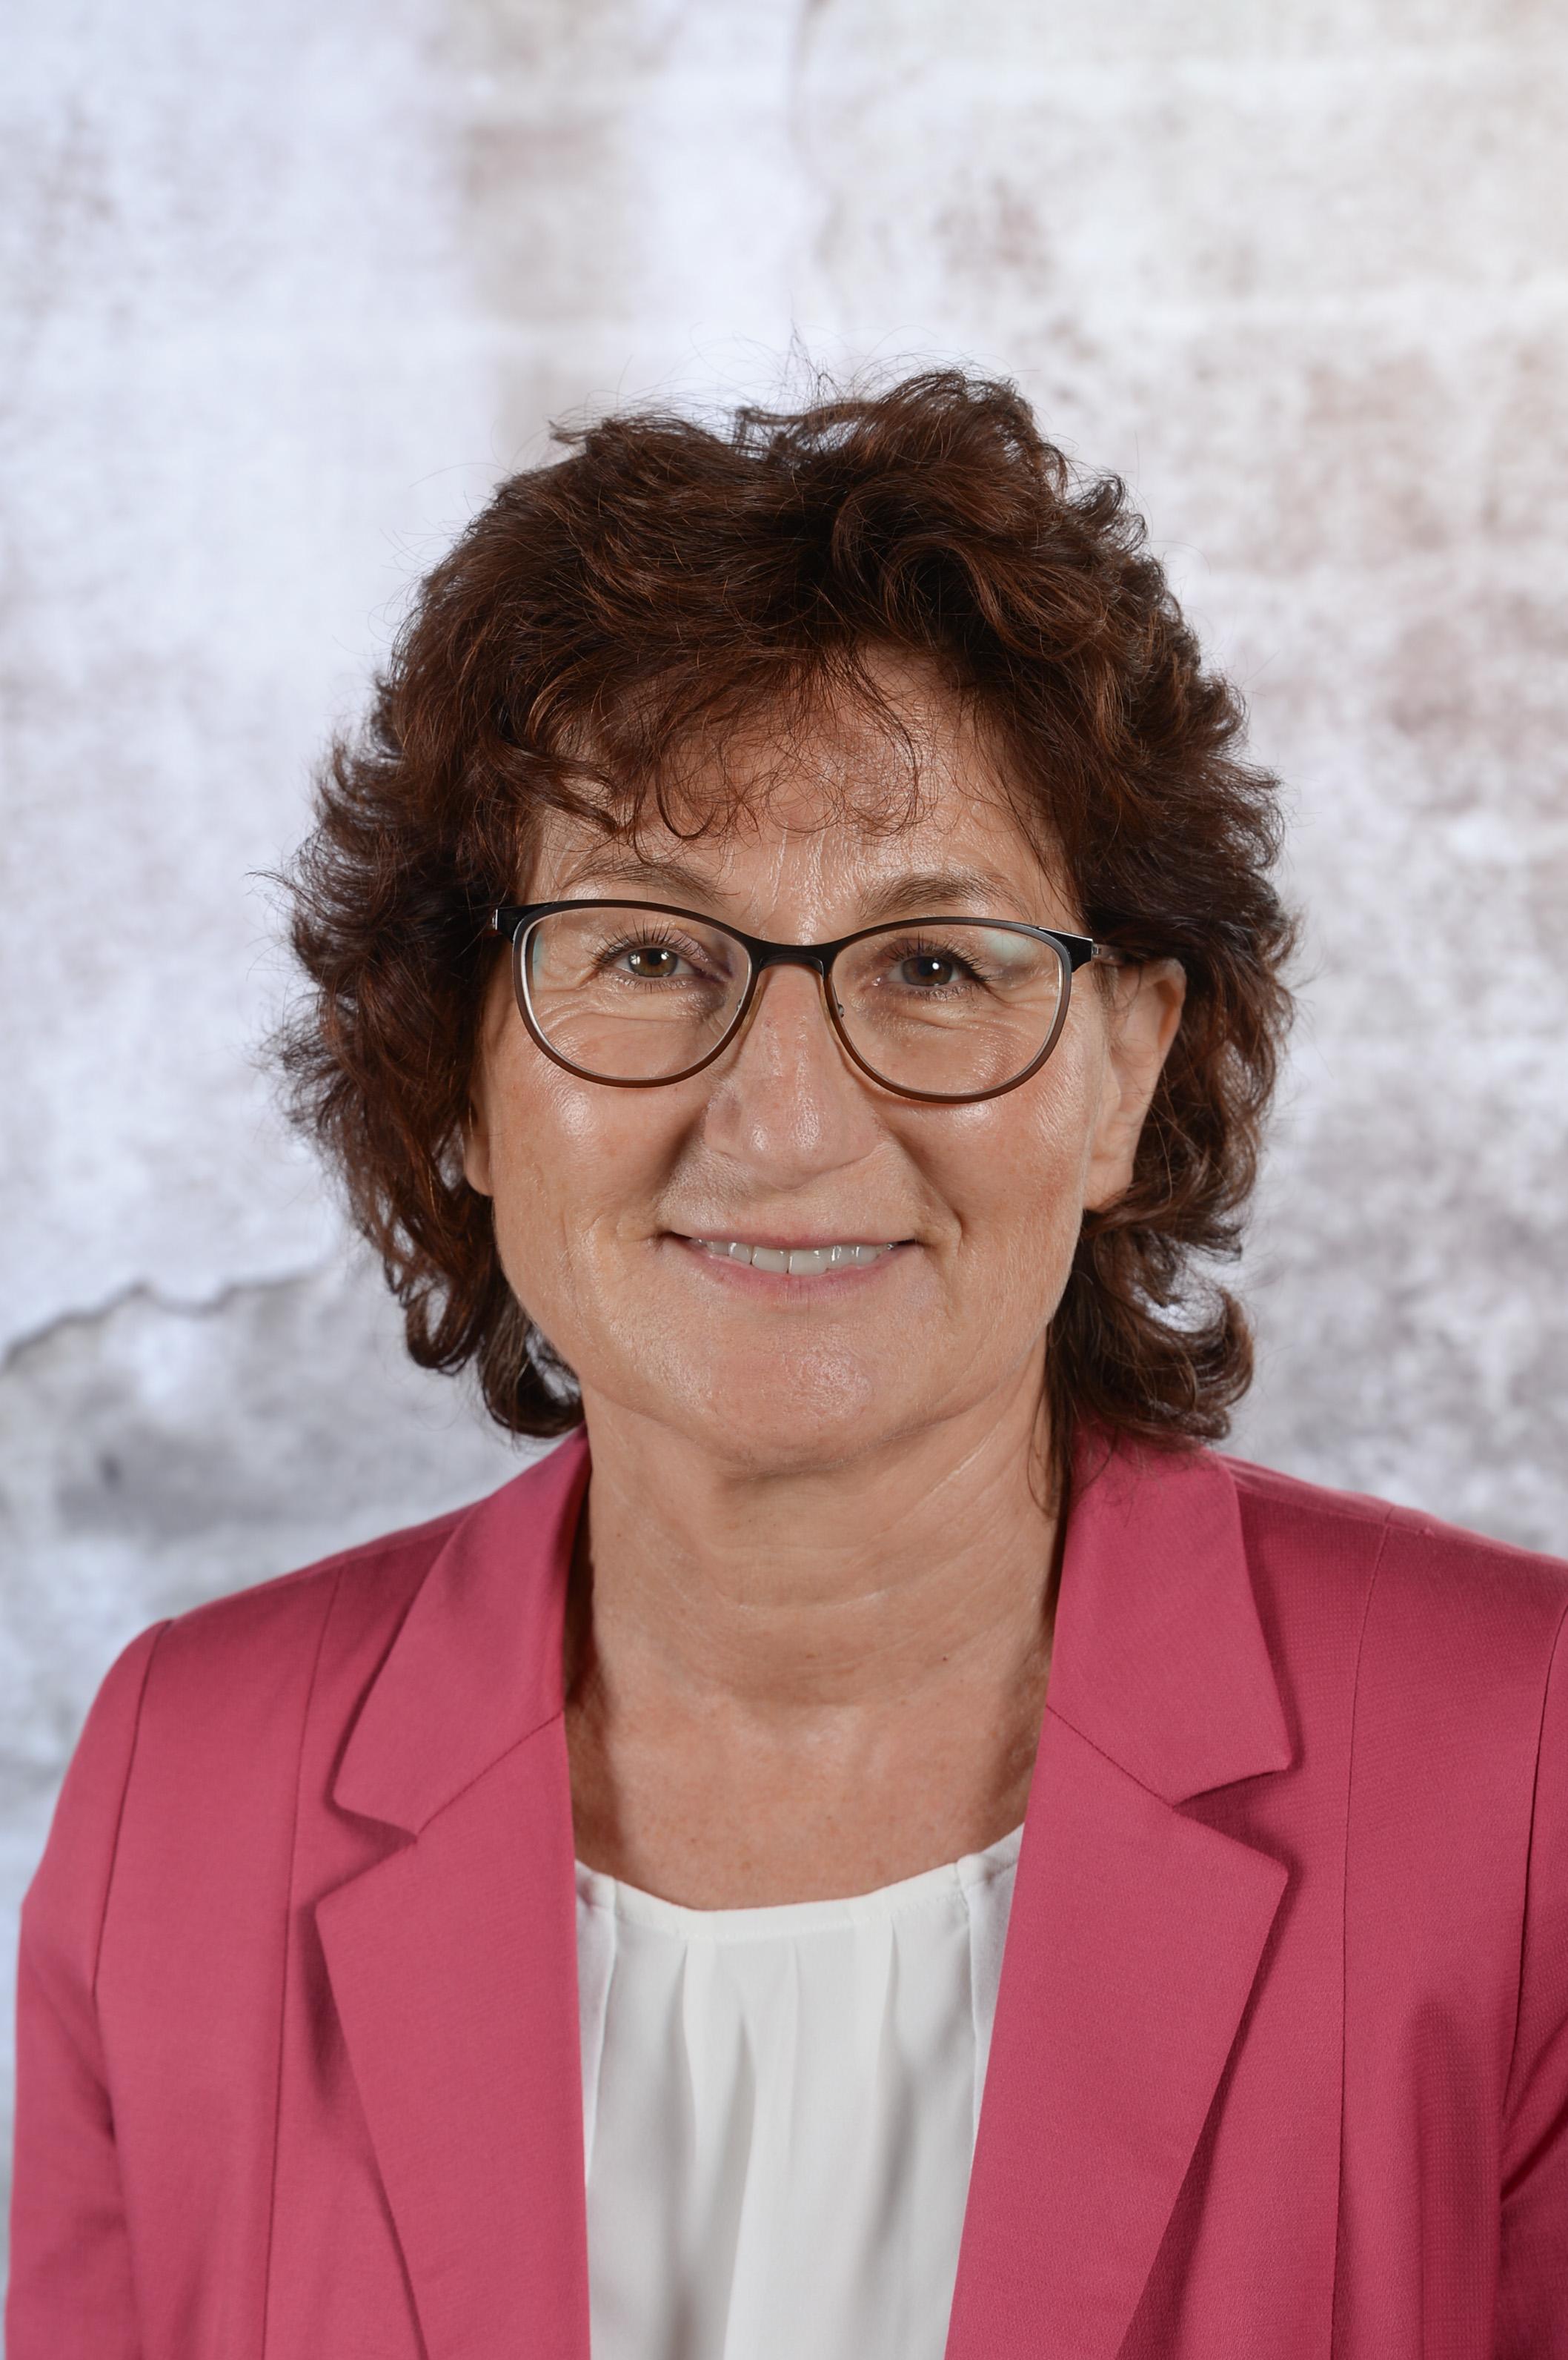 Anita Aumüller-Menz